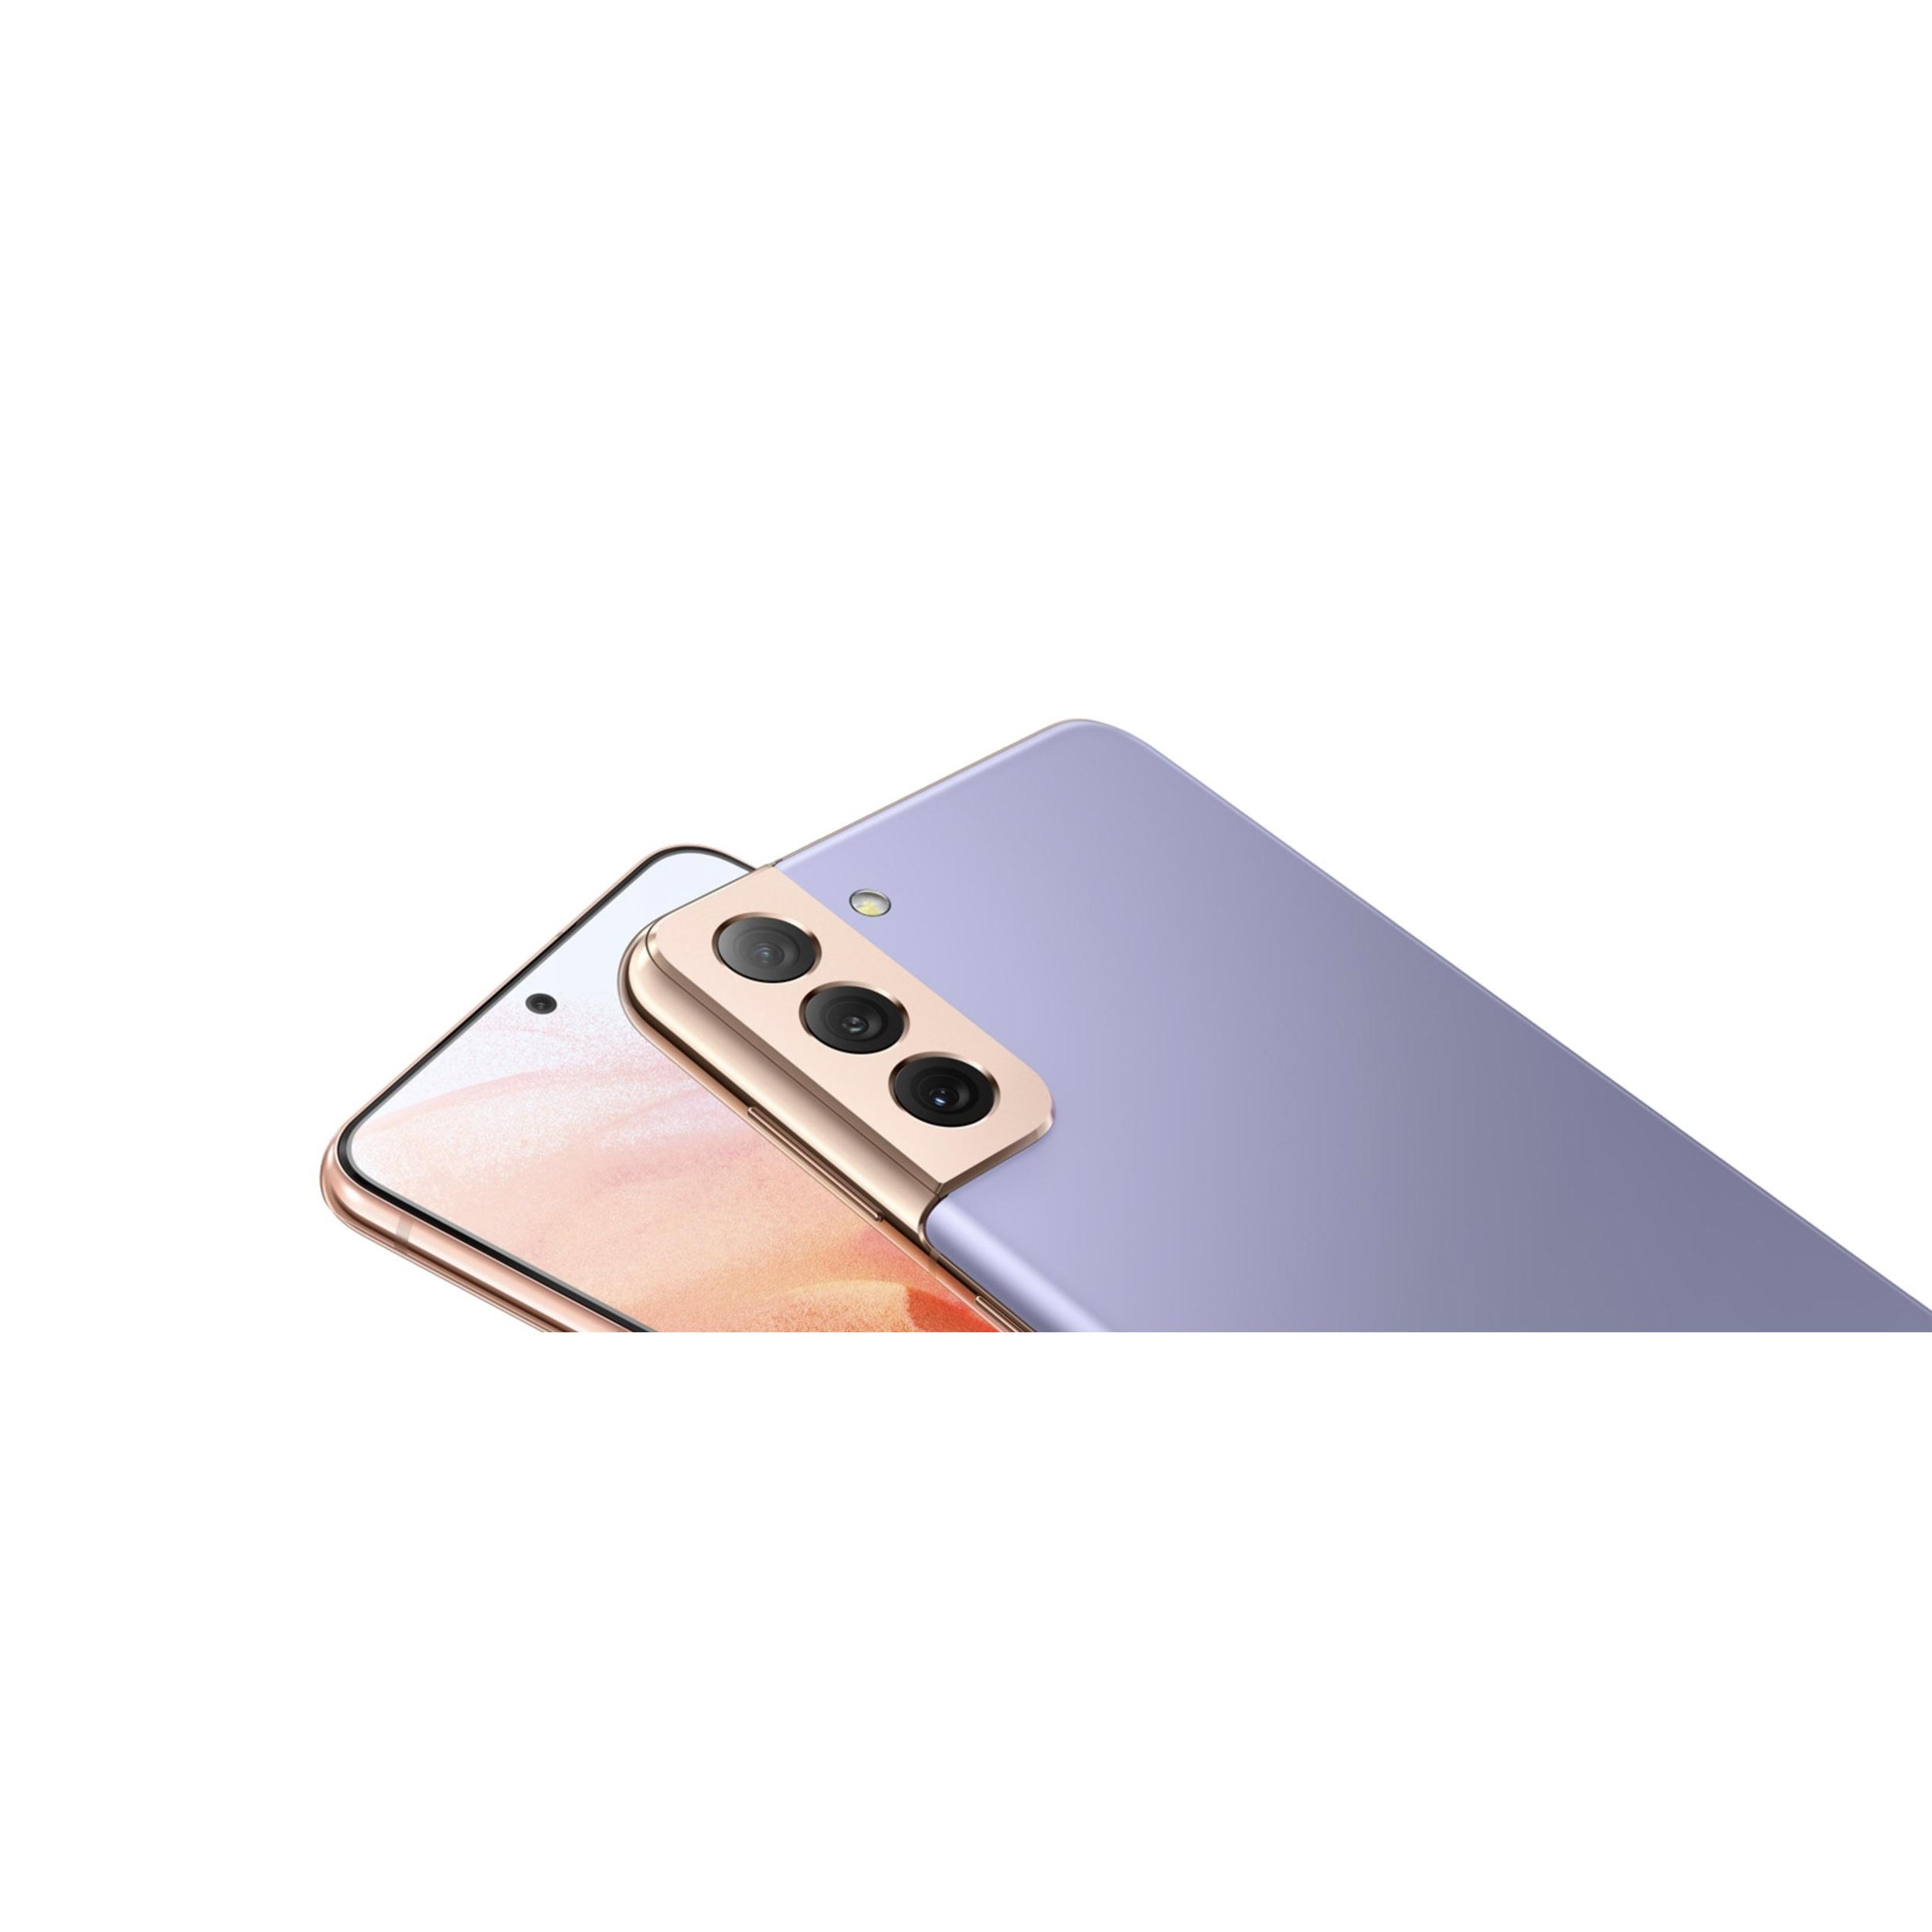 گوشی موبایل سامسونگ مدل Galaxy S21 Plus 5G SM-G996B/DS دو سیم کارت ظرفیت 256 گیگابایت و رم 8 گیگابایت main 1 7